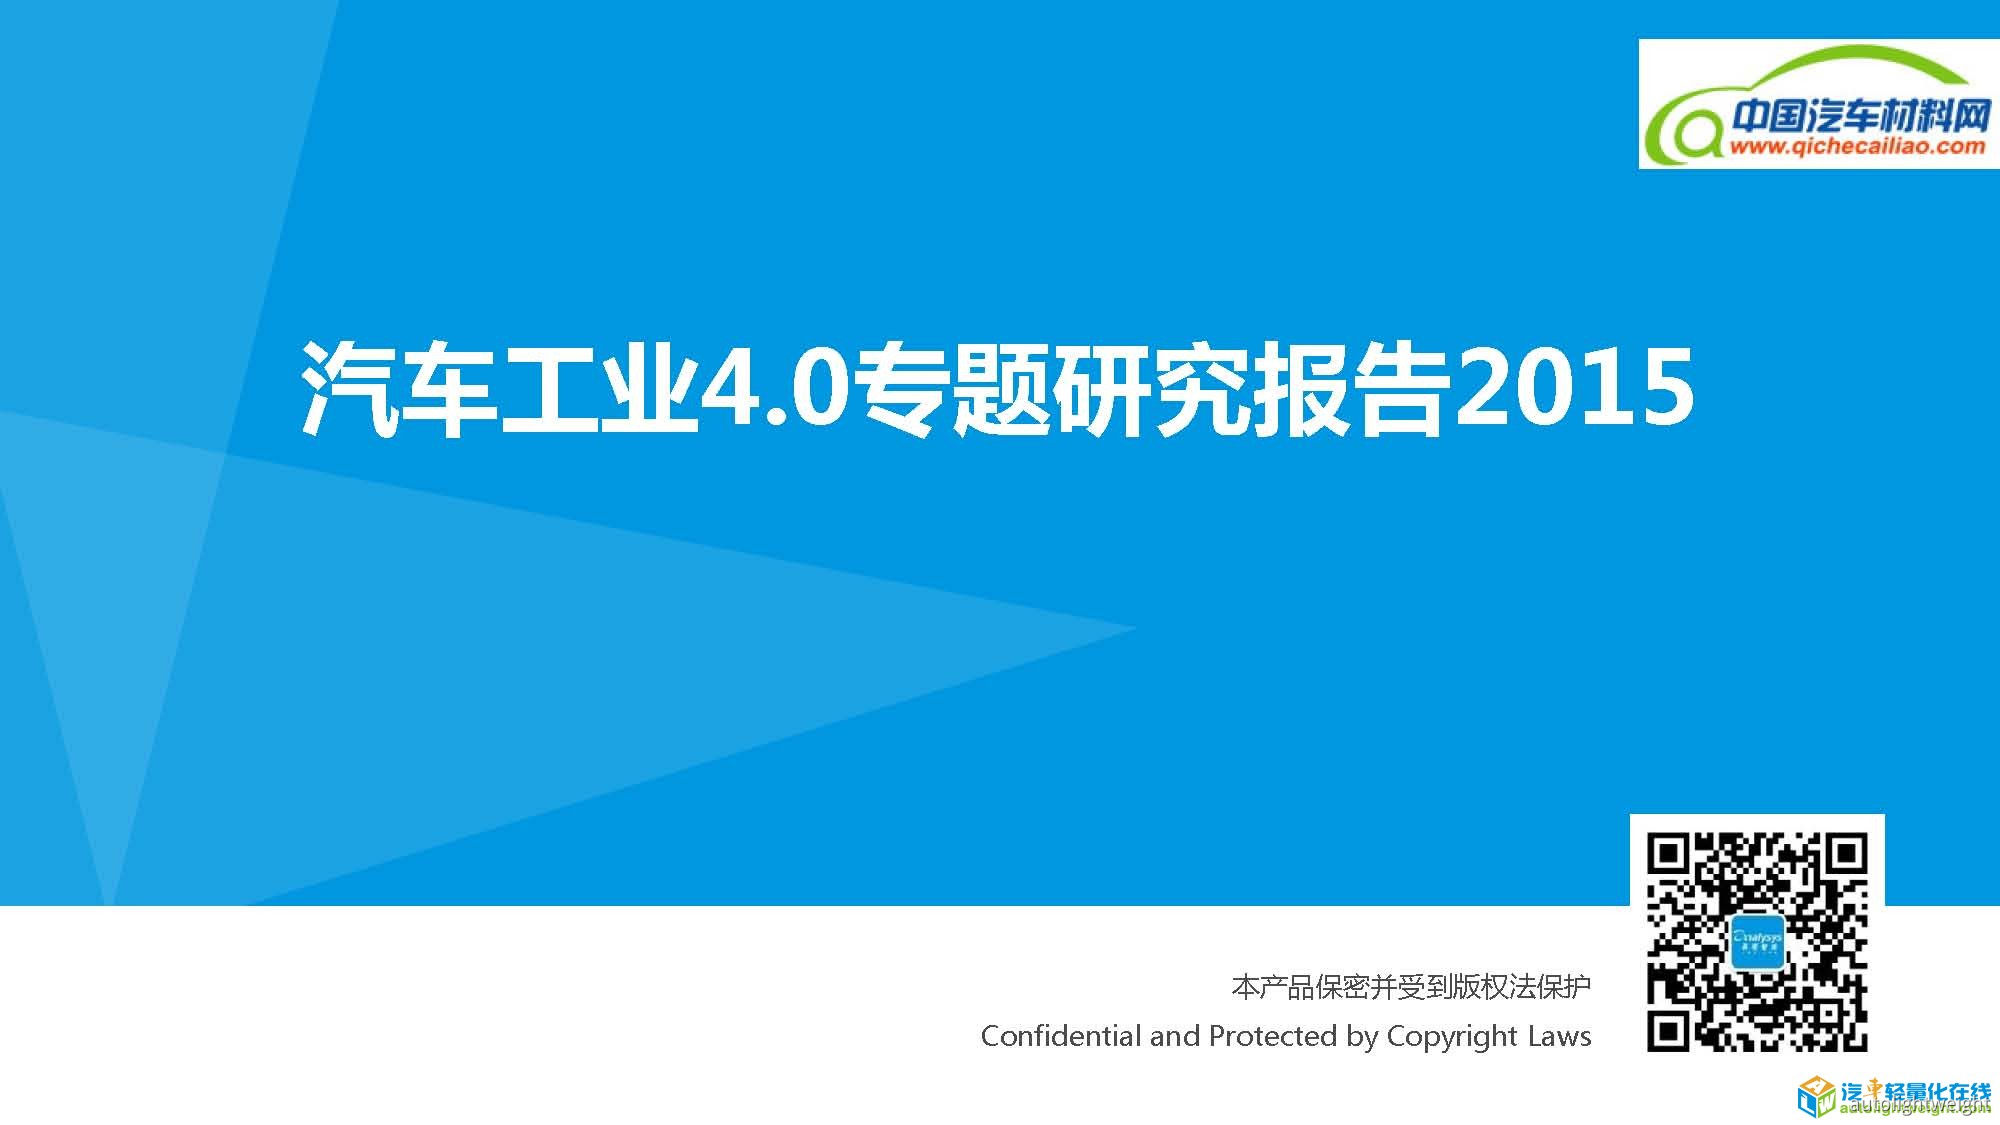 页面提取自-汽车工业4.0专题研究报告2015.jpg